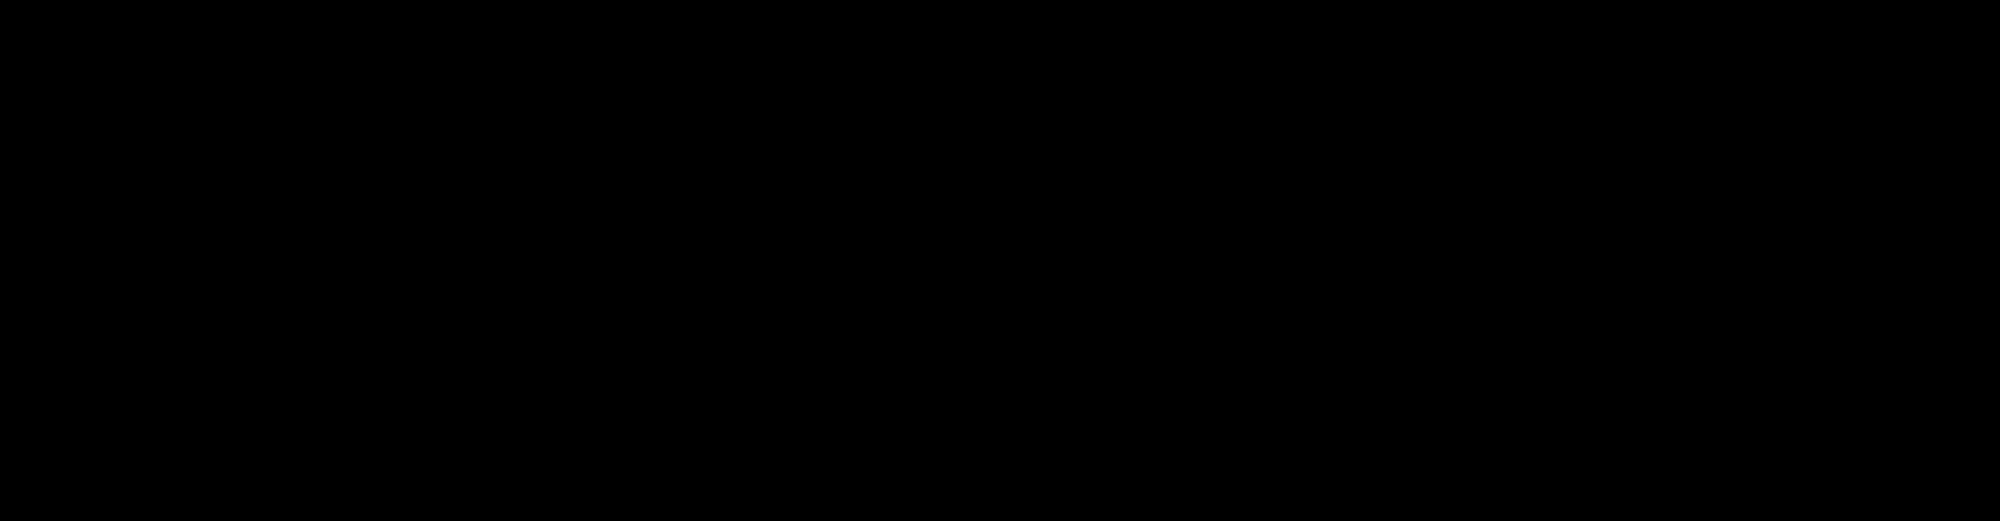 Täispuitvoodid ning Liimpuittooted